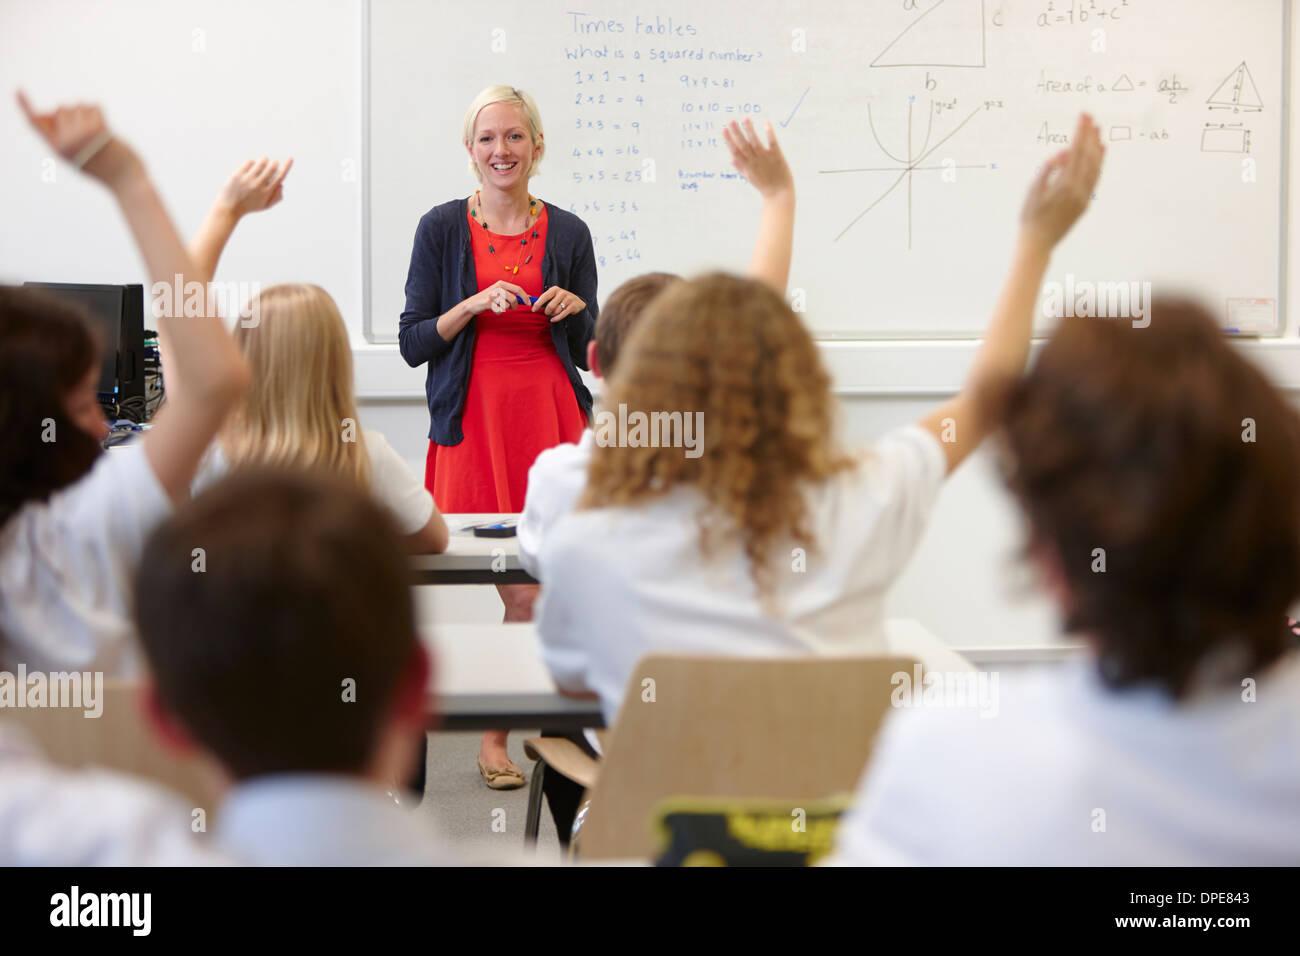 Femmina e insegnante di classe con le mani alzate Immagini Stock